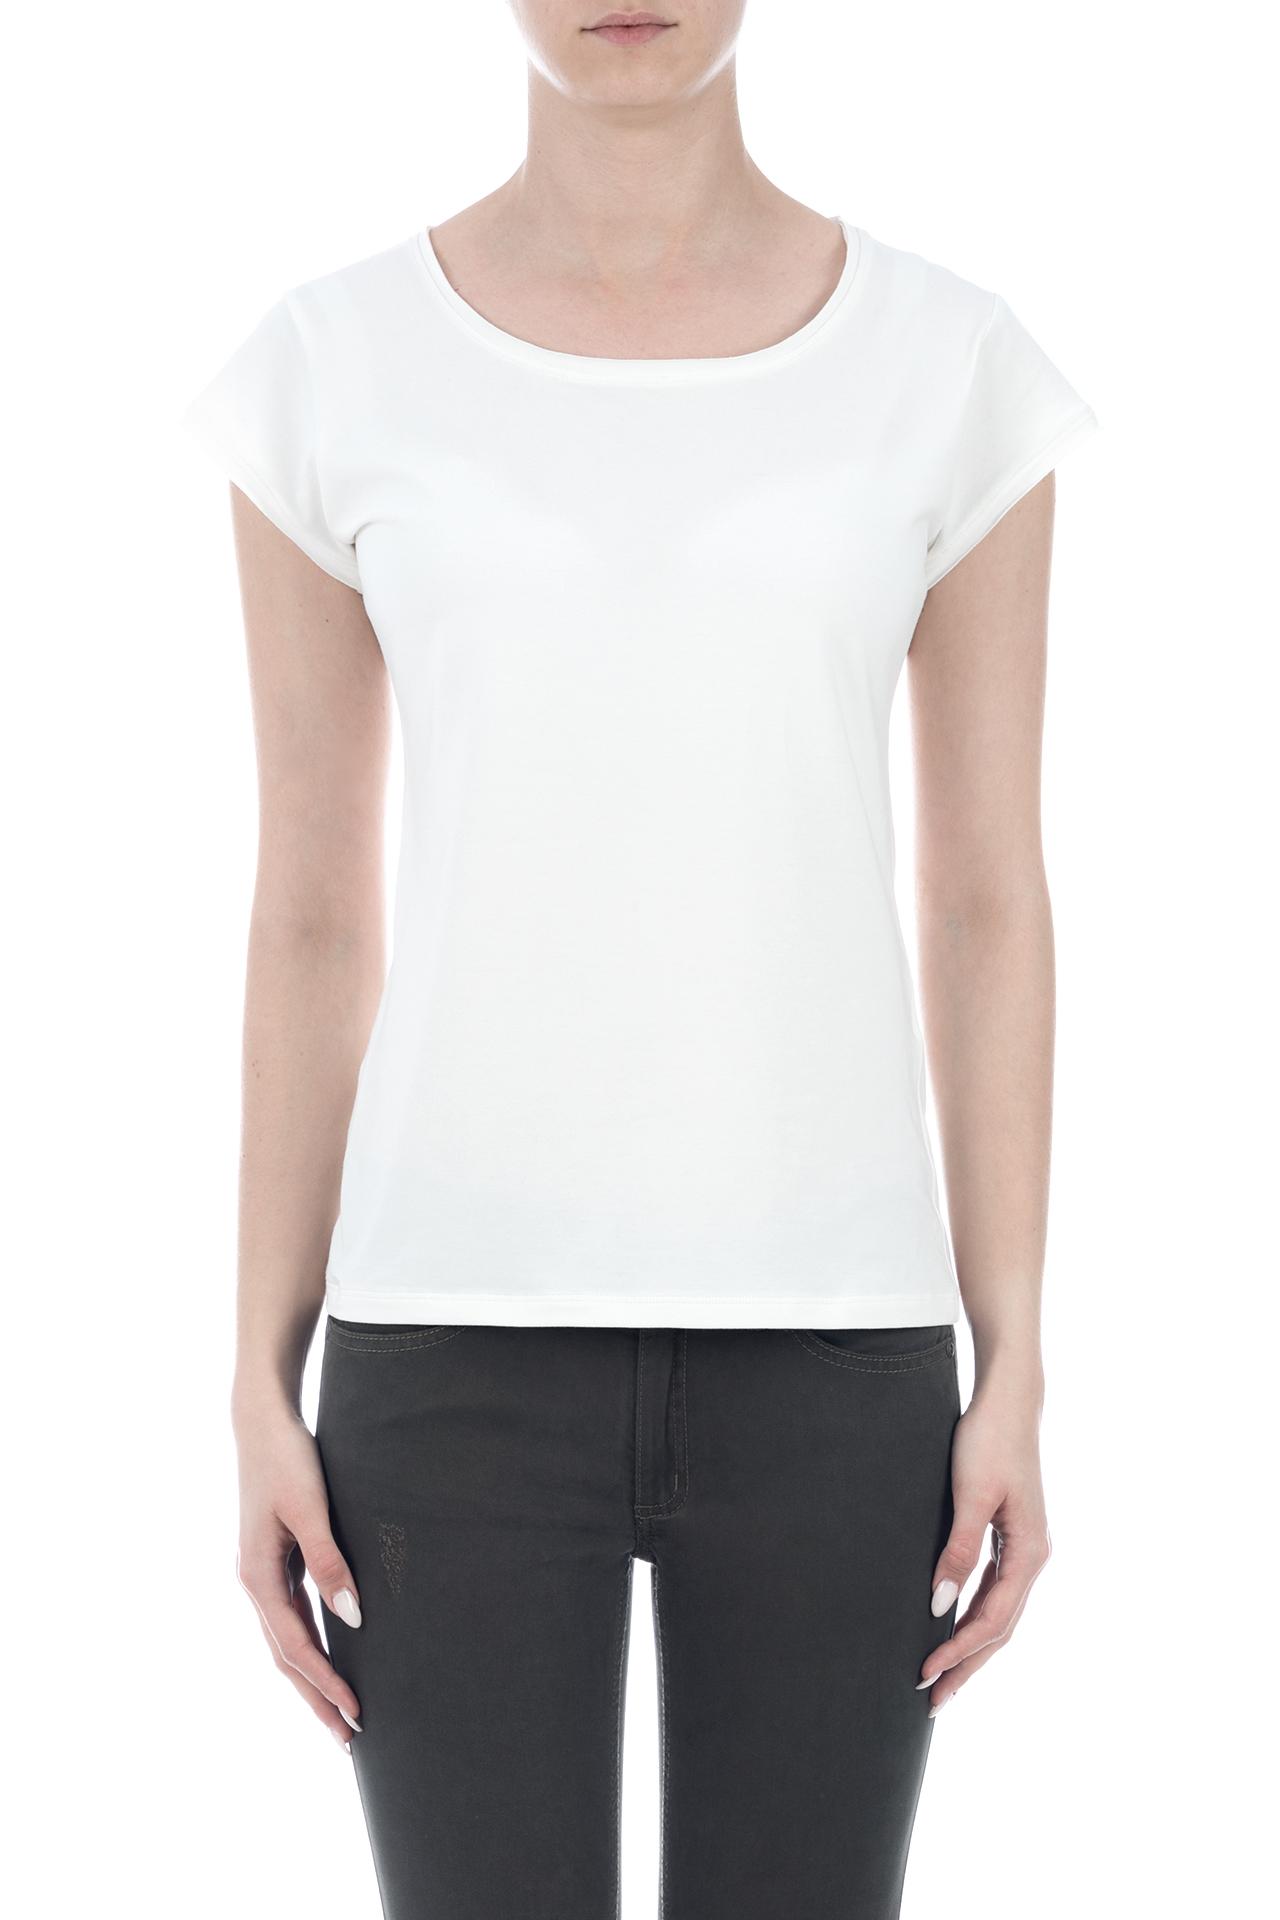 T-SHIRT REG WHITE 2